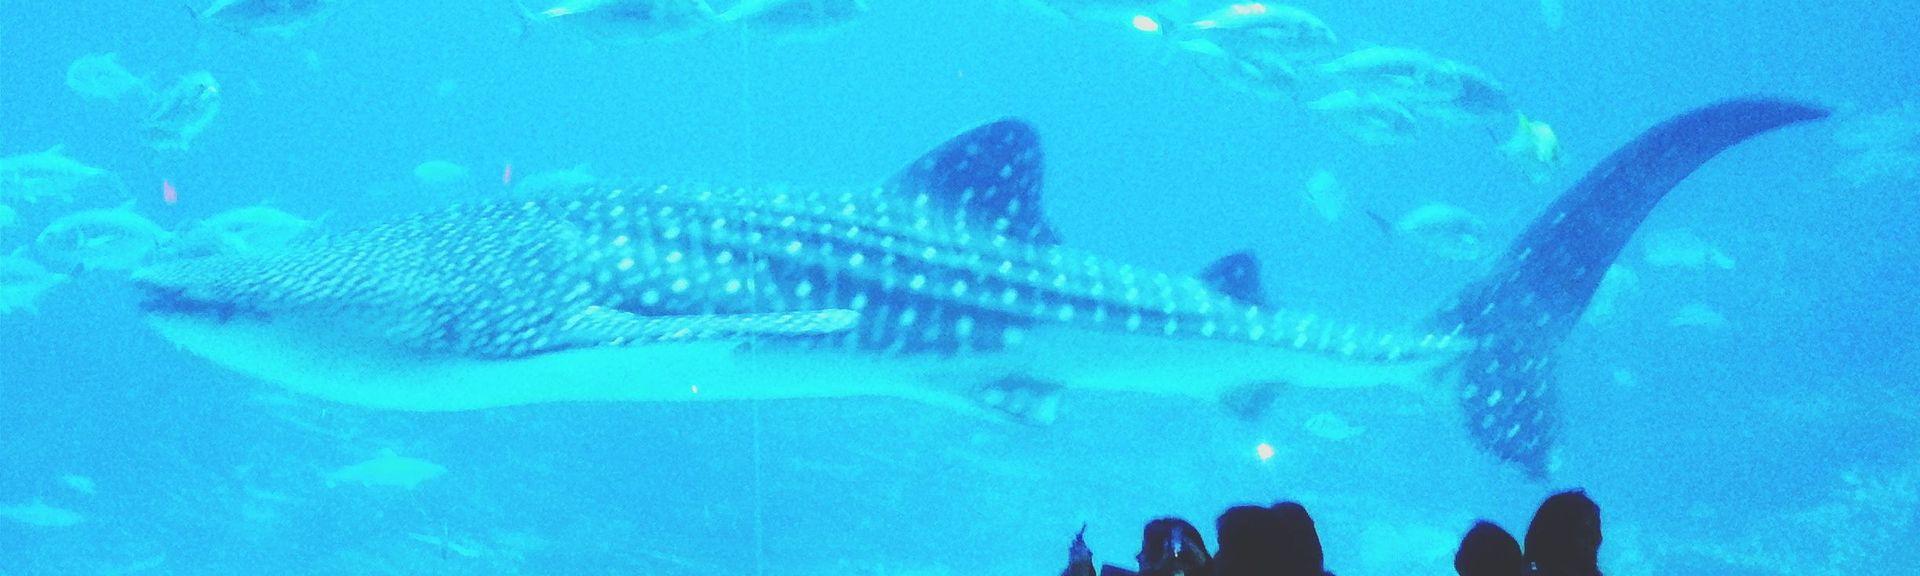 Georgia Aquarium, Atlanta, Georgia, United States of America